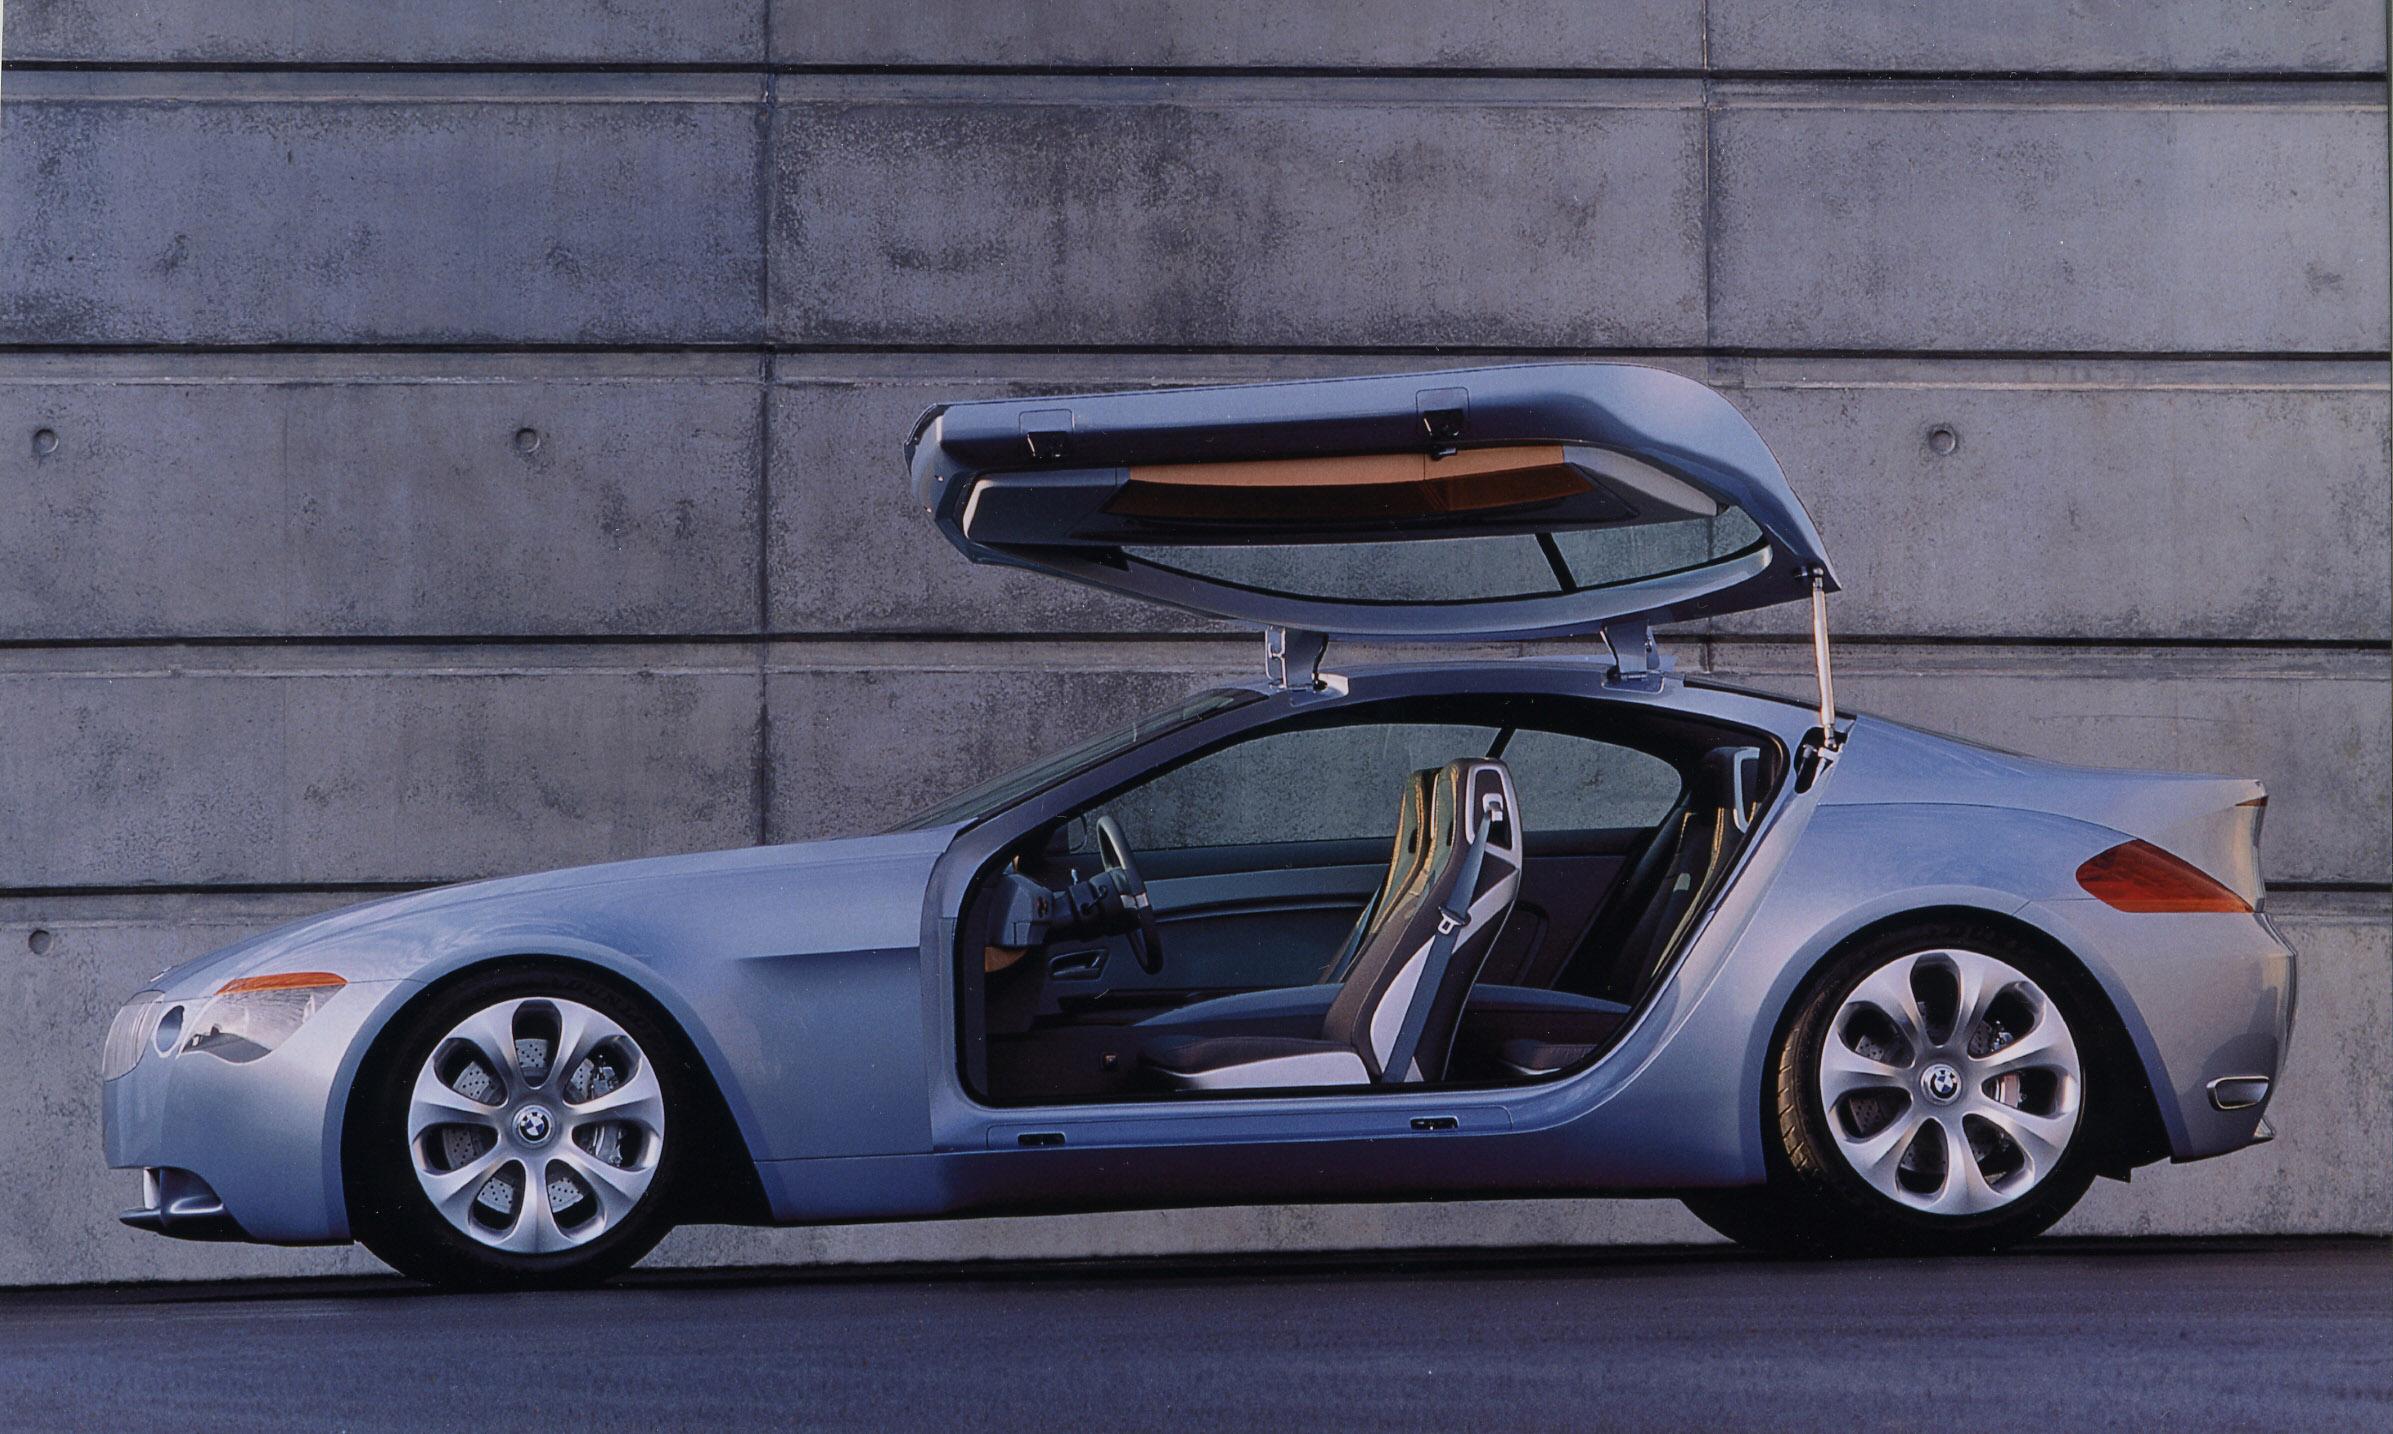 BMW Z9 gran turismo concept - Picture 38950